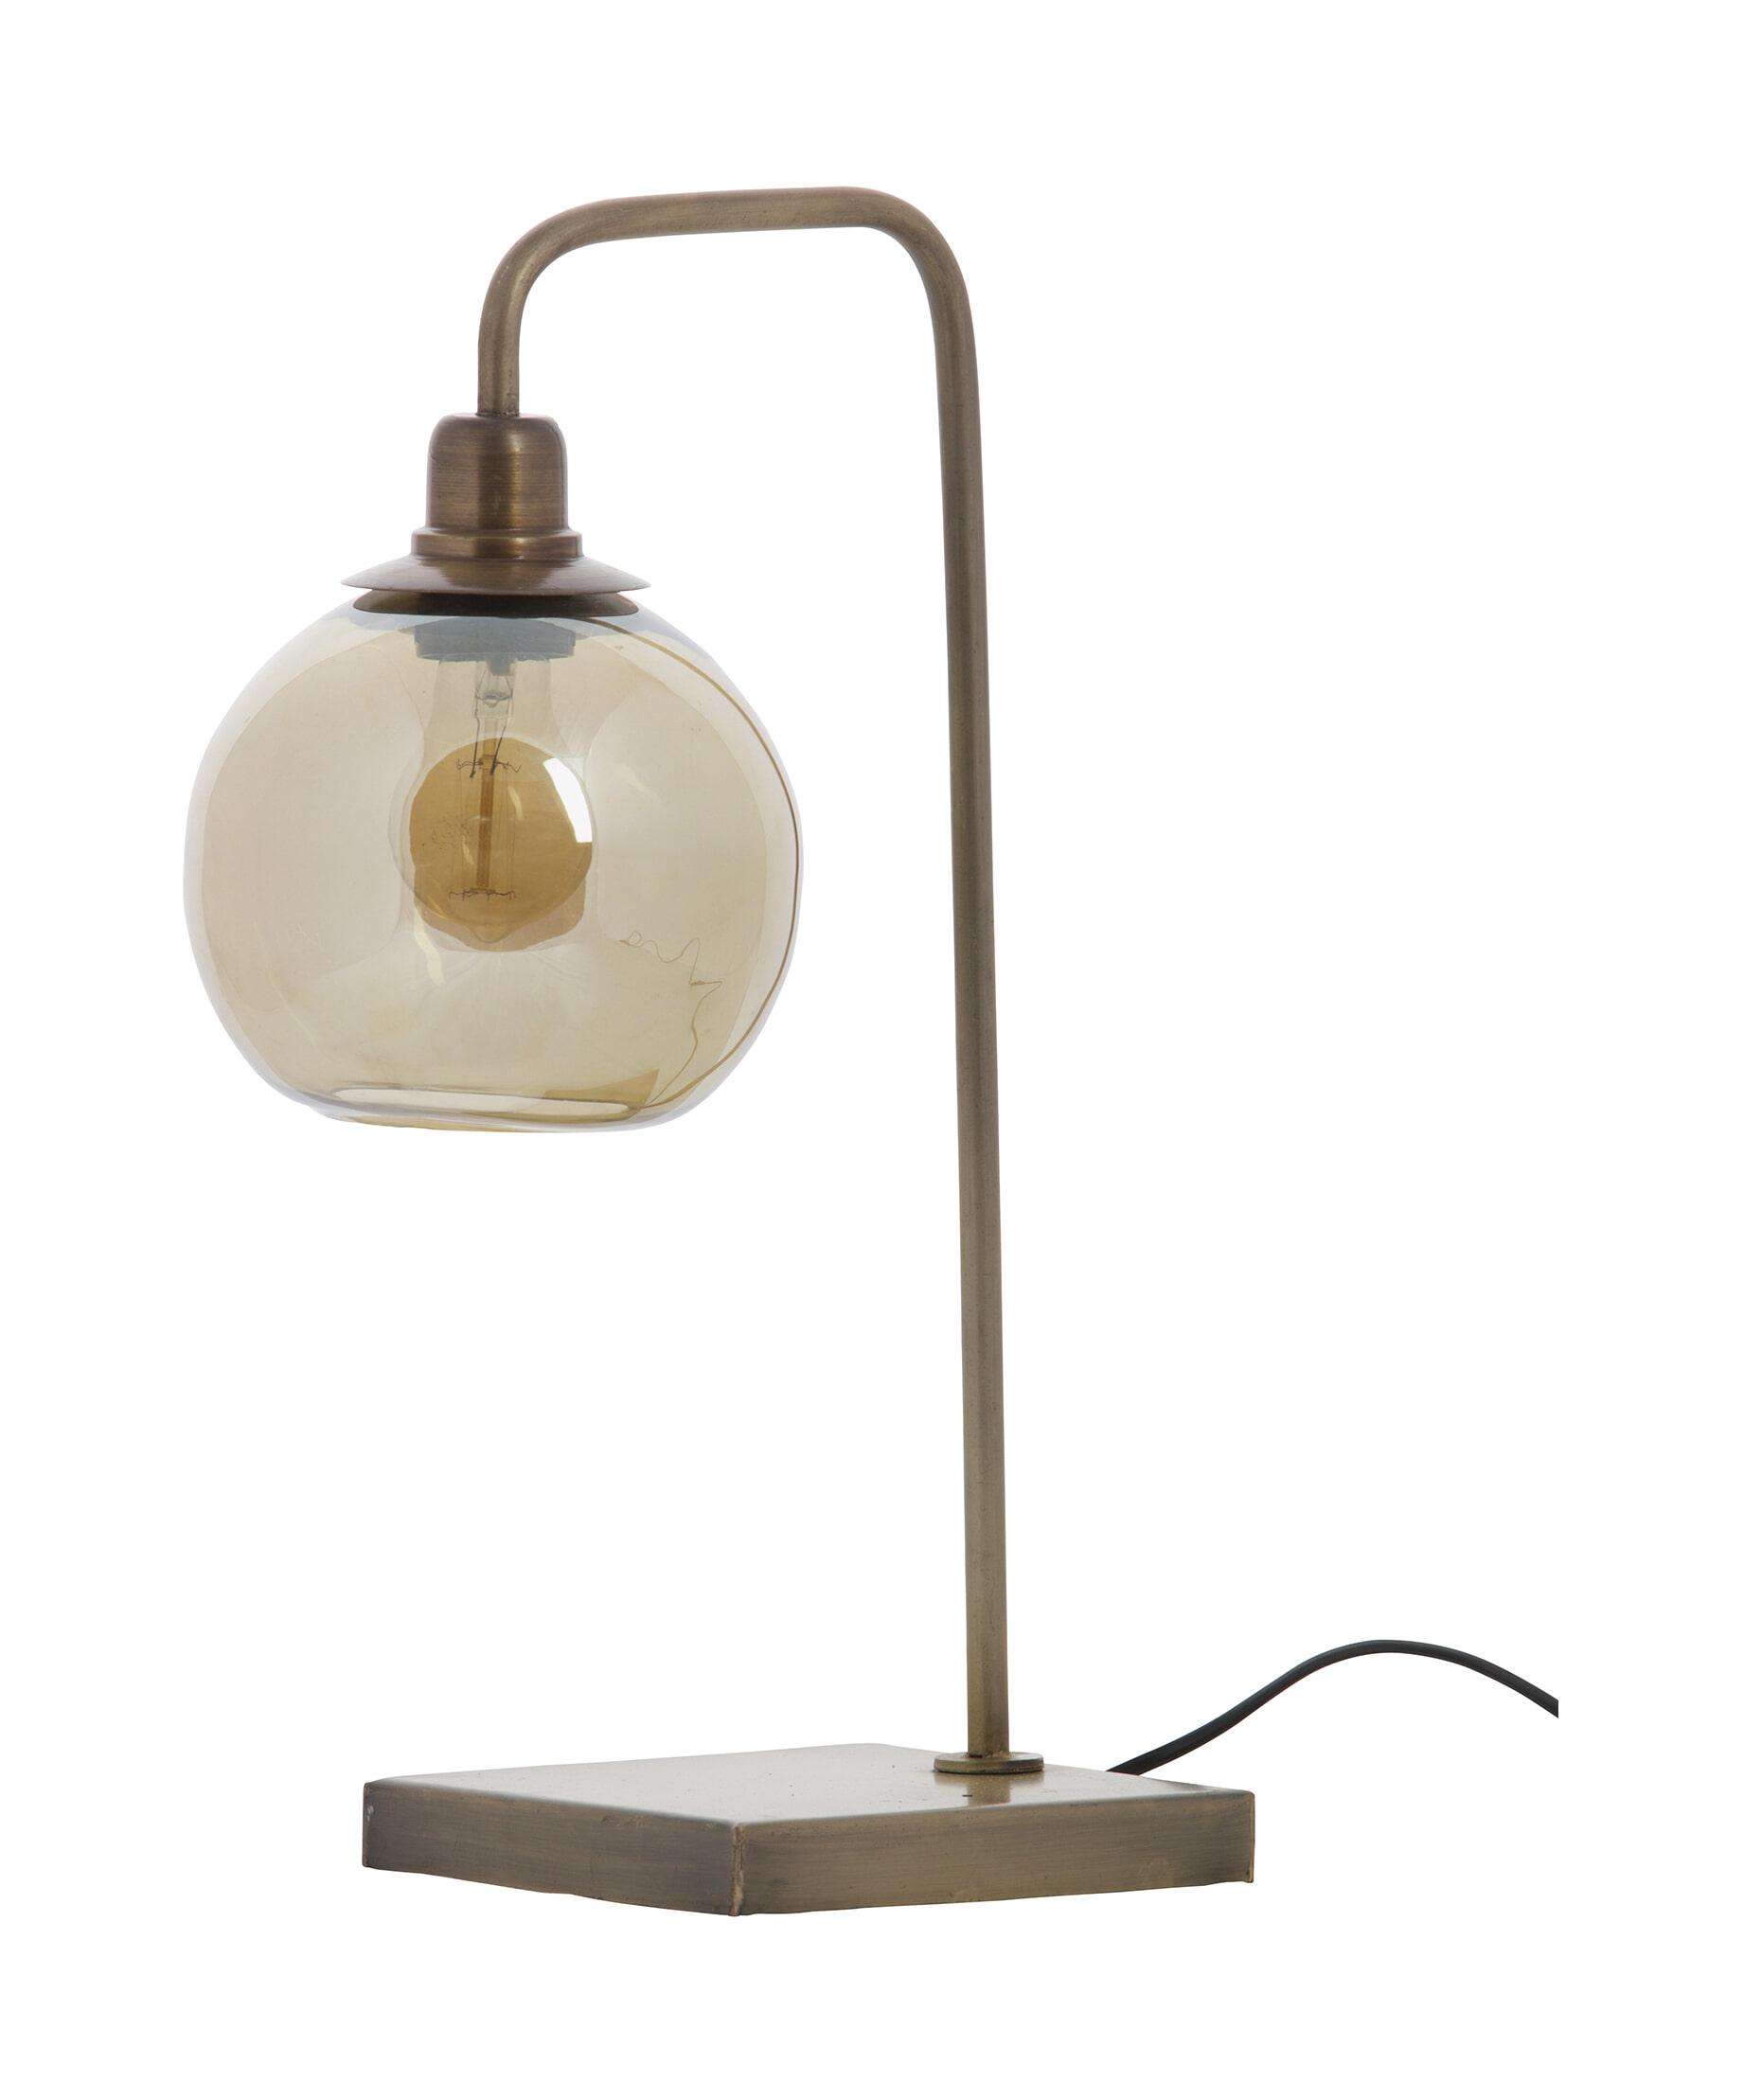 BePureHome Tafellamp 'Lantern', kleur Antique Brass Metaal met antiek brass afwerking aanschaffen? Kijk hier!